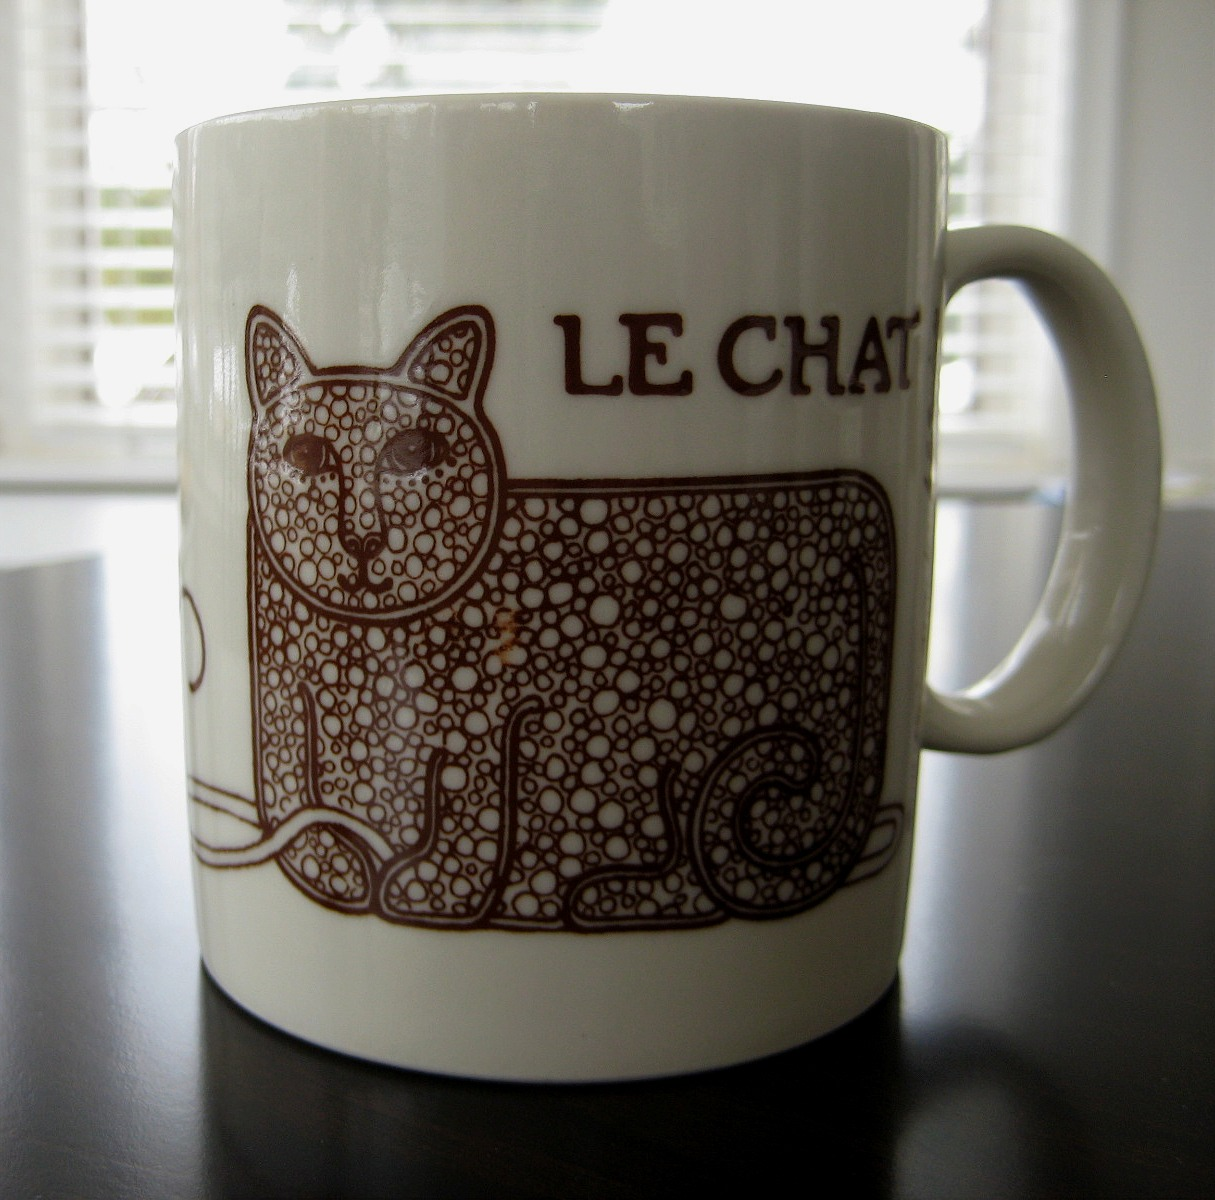 http://3.bp.blogspot.com/-4C3rkB3jJbM/ThUfPvVId7I/AAAAAAAABhs/4FE6pCWEkNM/s1600/cat+mug1.jpg